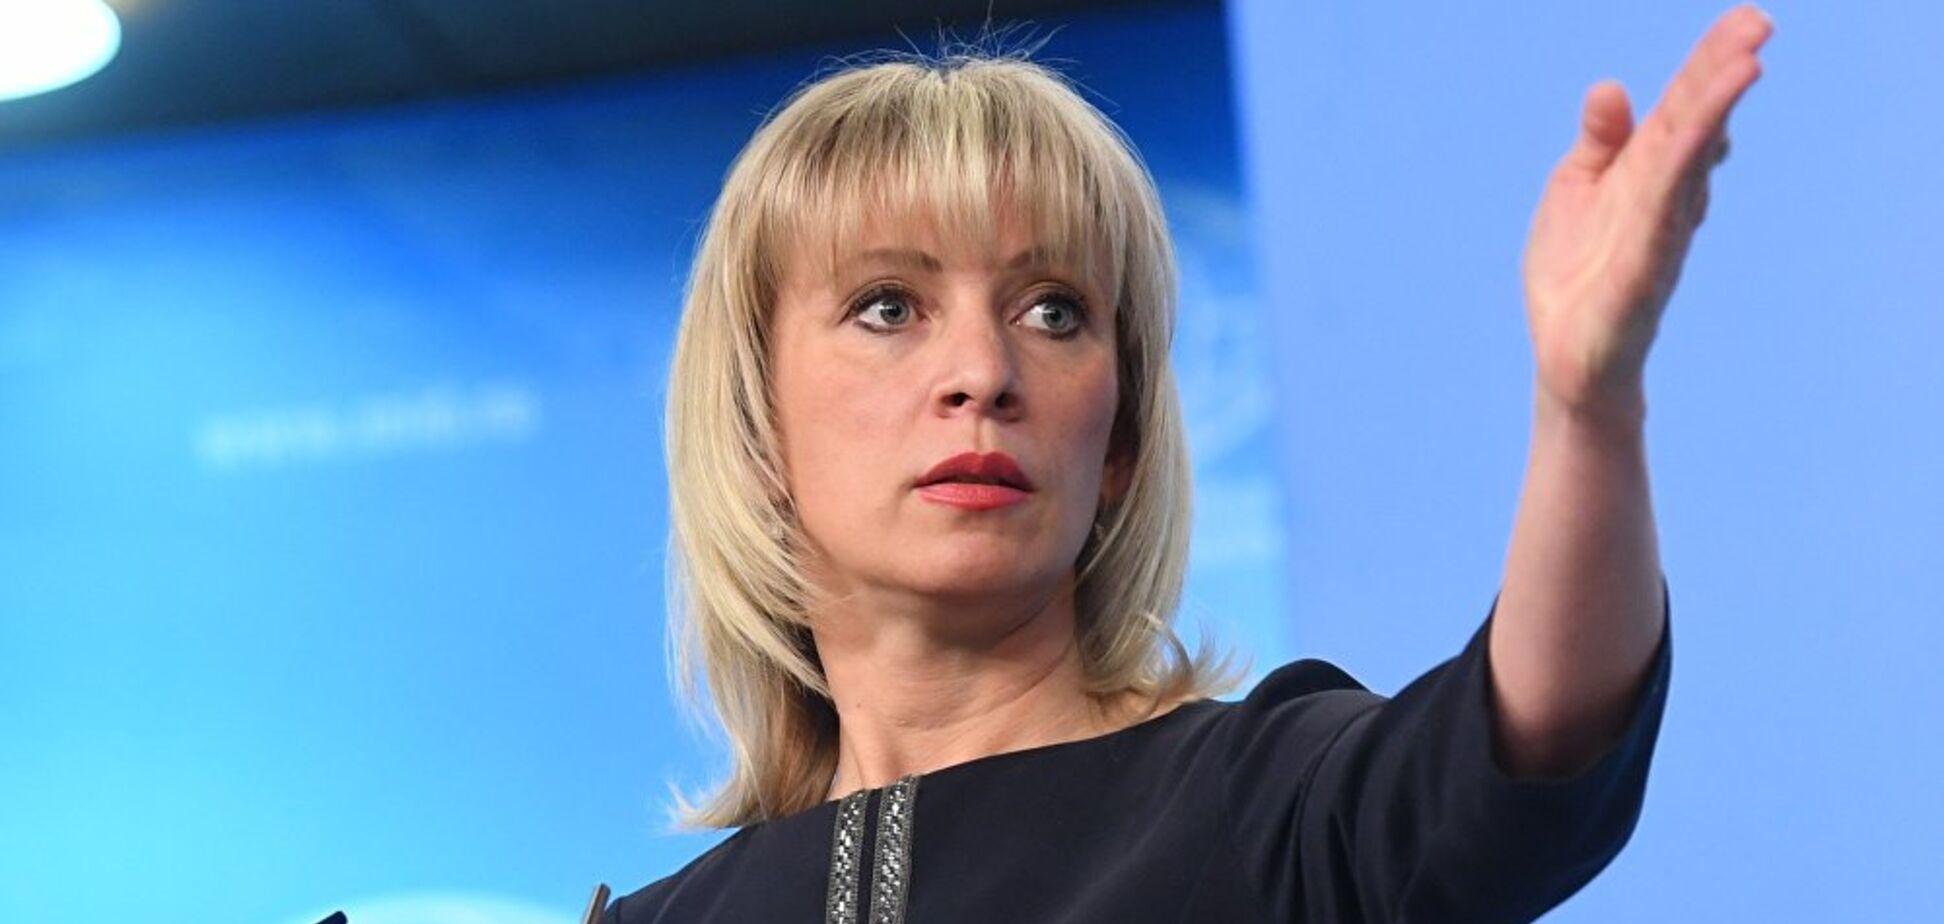 У Росії закотили скандал через 'погрози' АТОвців в ООН: що сталося насправді